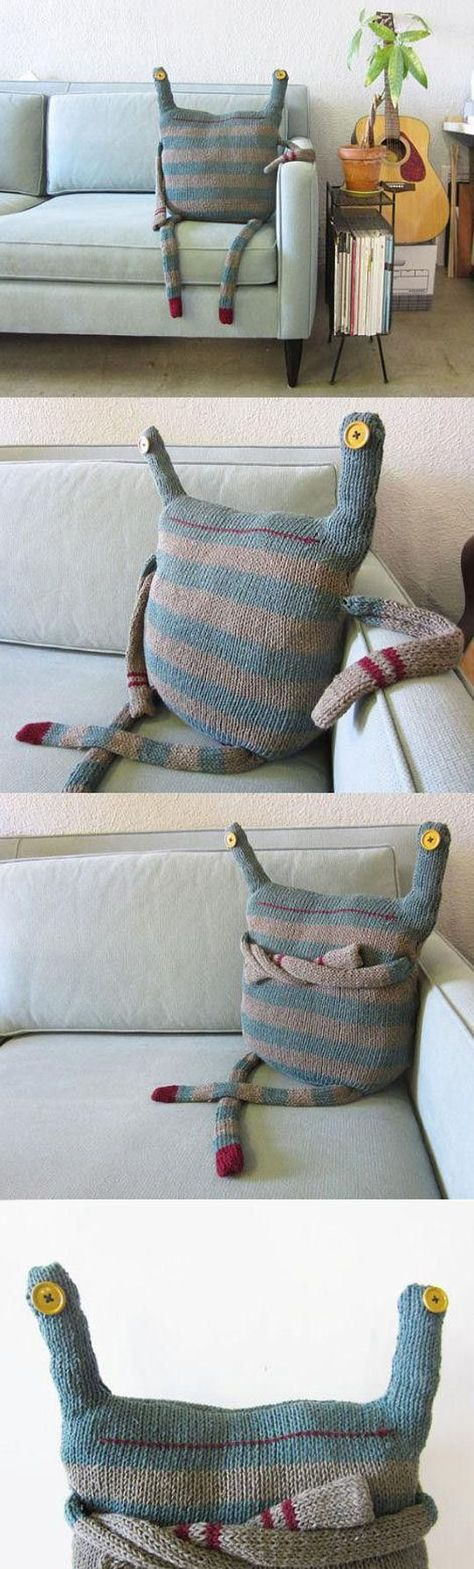 beast pillow - αχ να εχουμε κ εναν τετοιο να καθεται στο γραφειο!